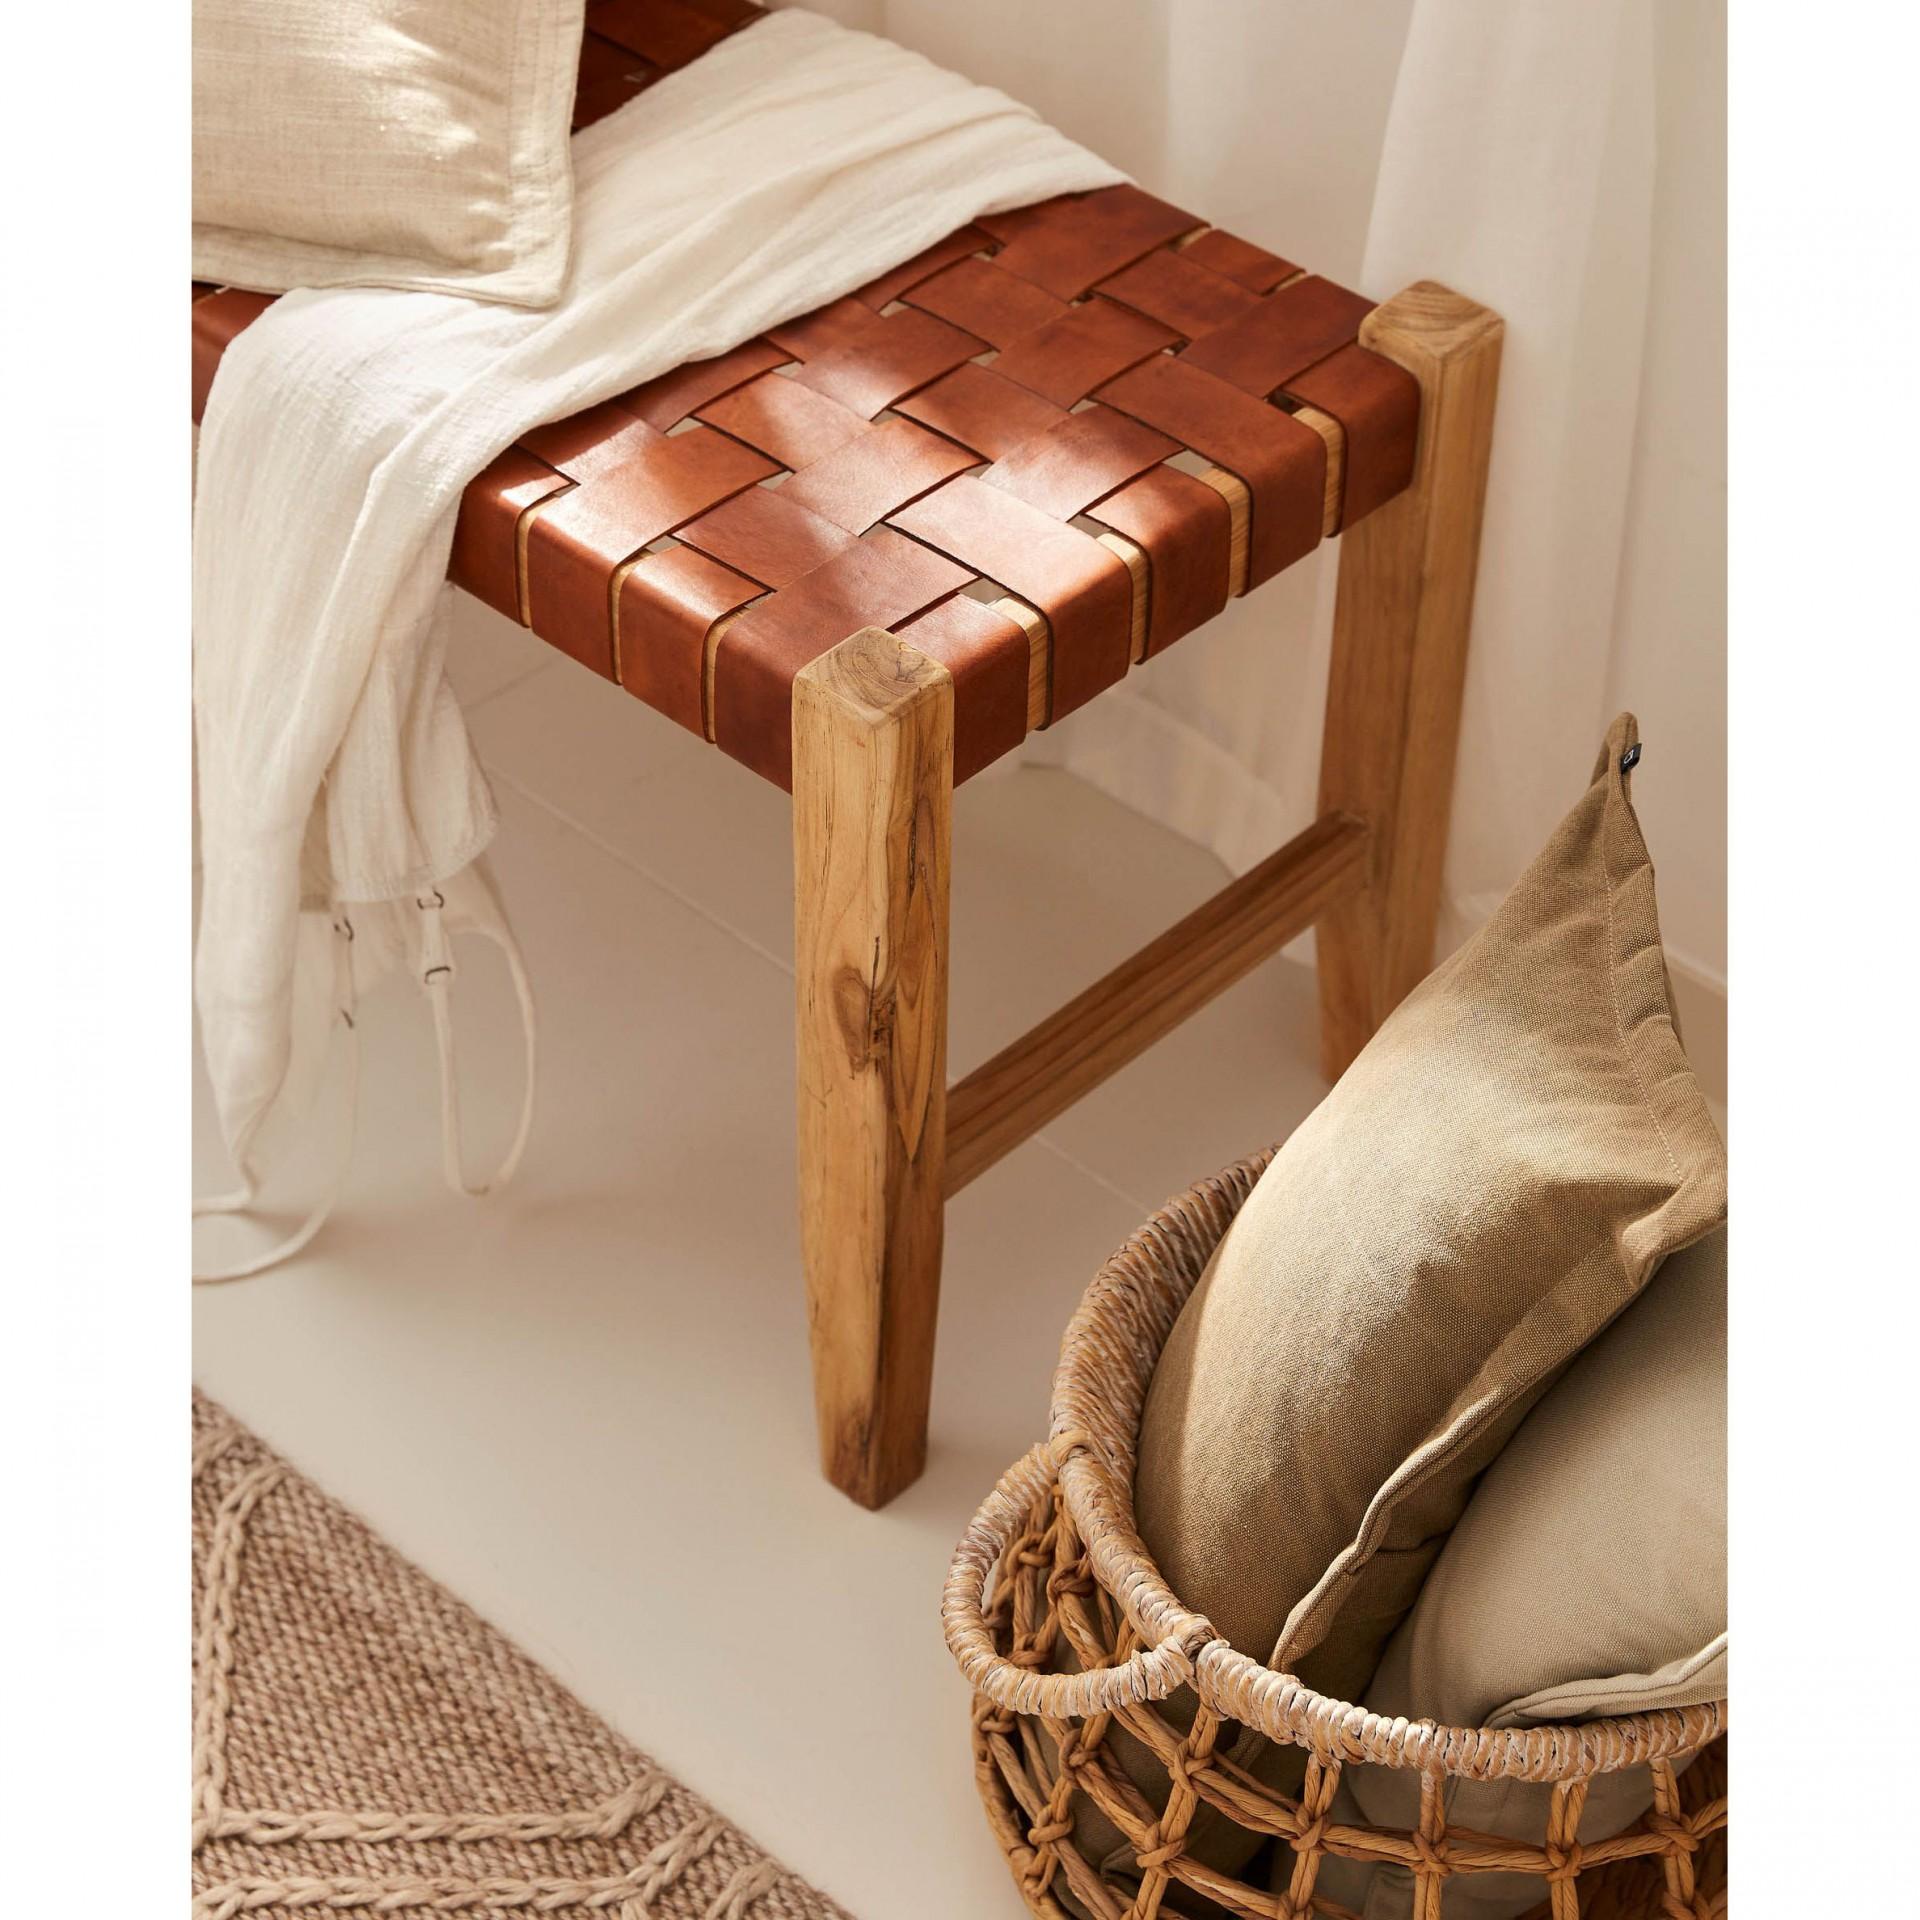 Banco de apoio Calita, madeira teca/couro natural